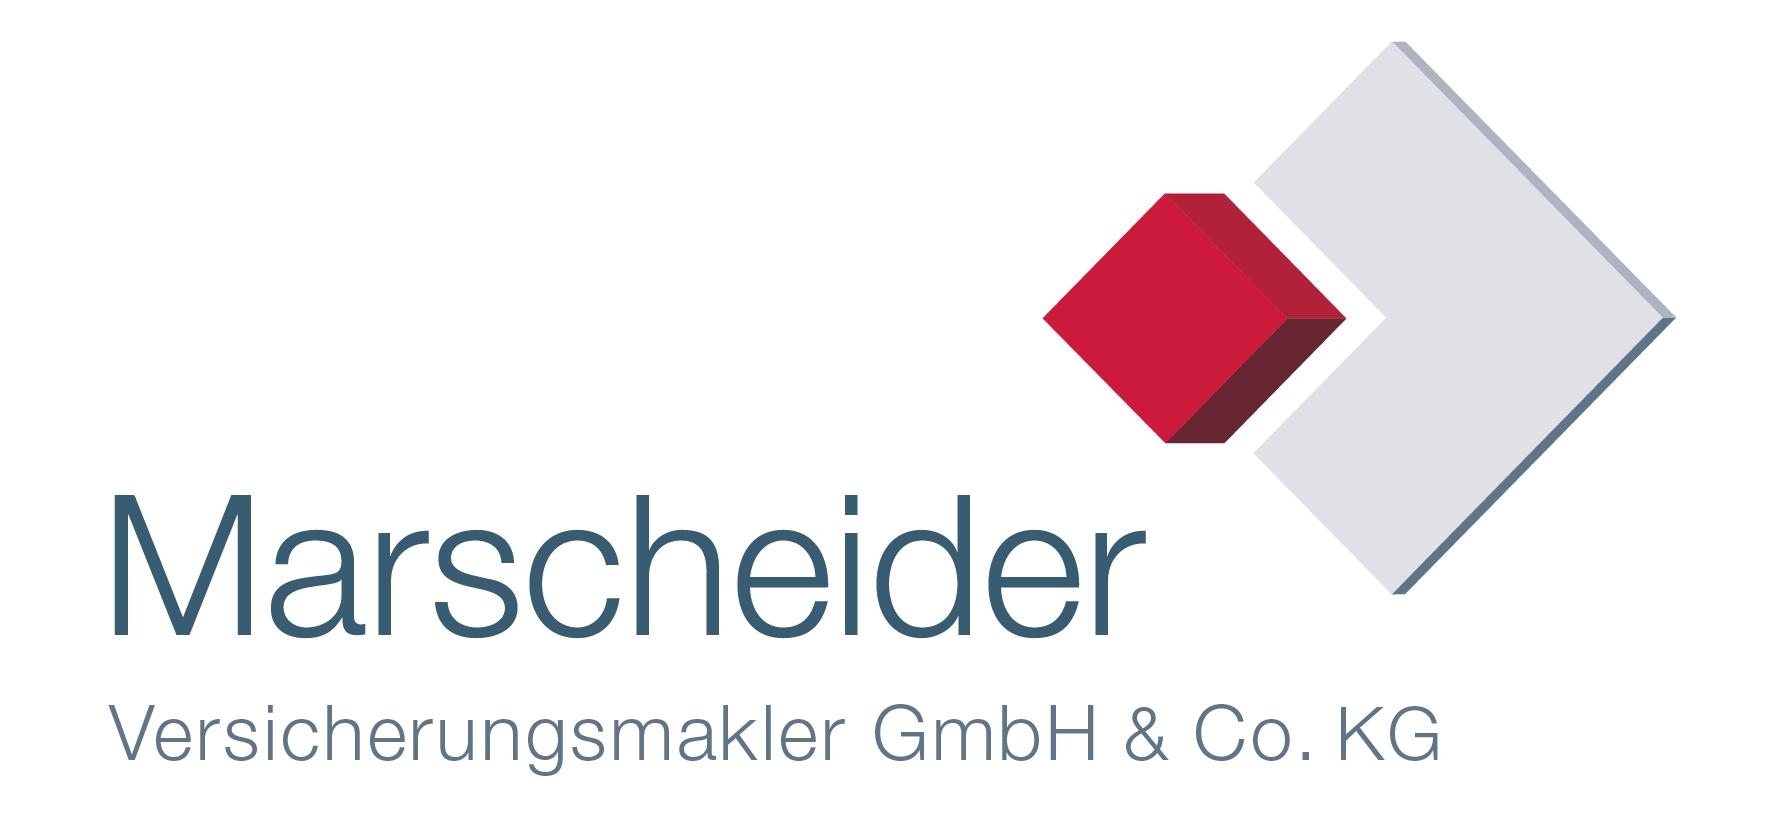 Marscheider Versicherungsmakler GmbH & Co. KG